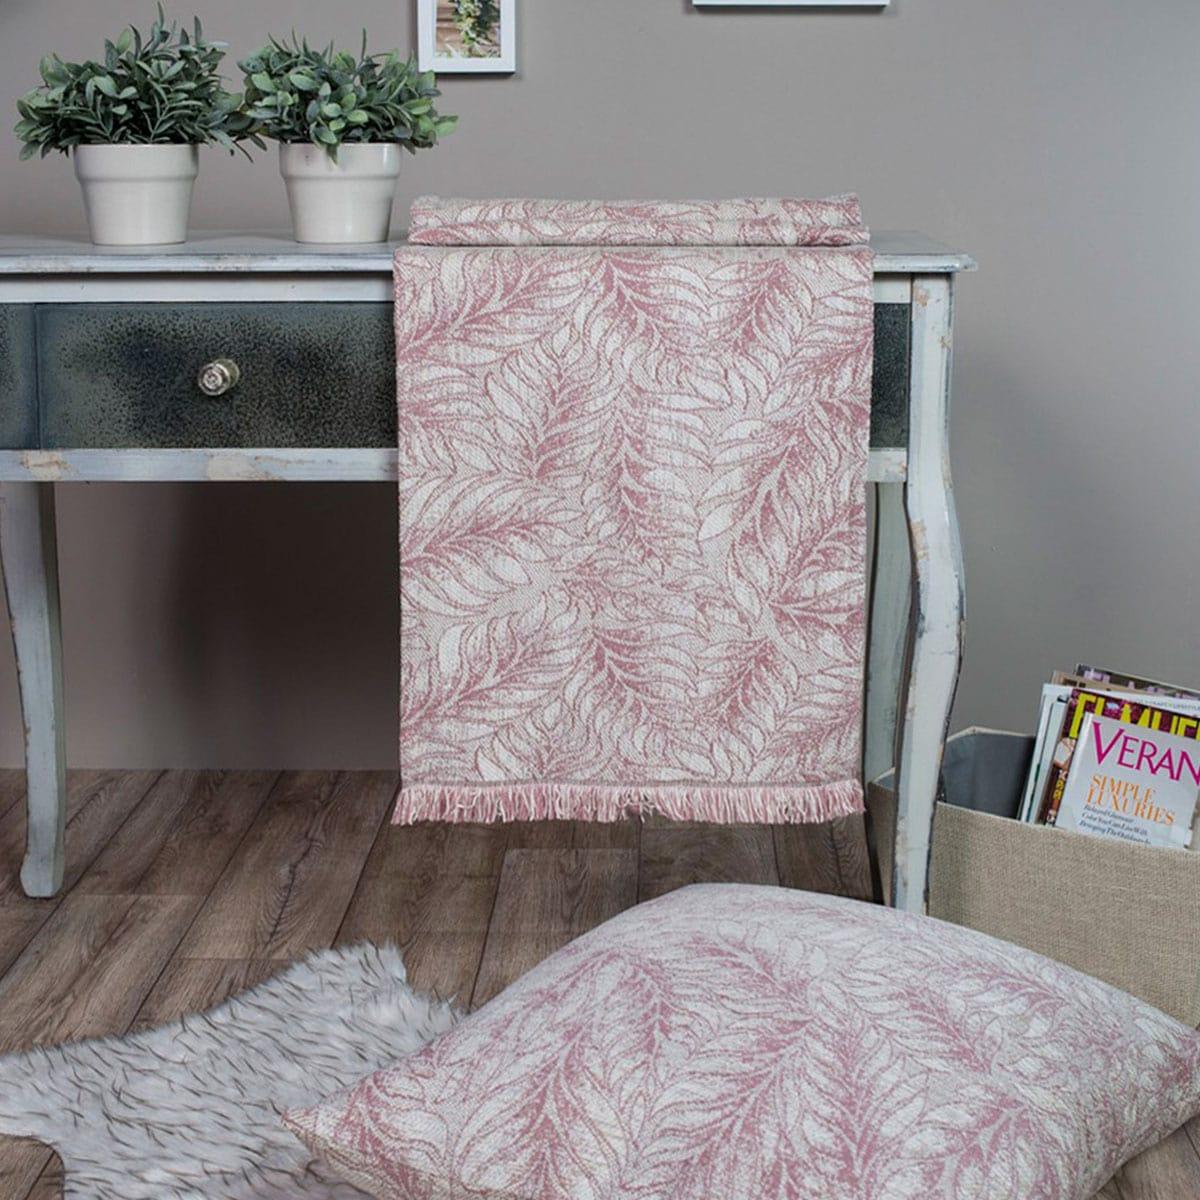 Μαξιλαροθήκη Διακοσμητική Δαπέδου Illinois 12 Rose Teoran 60X60 Ακρυλικό-Polyester